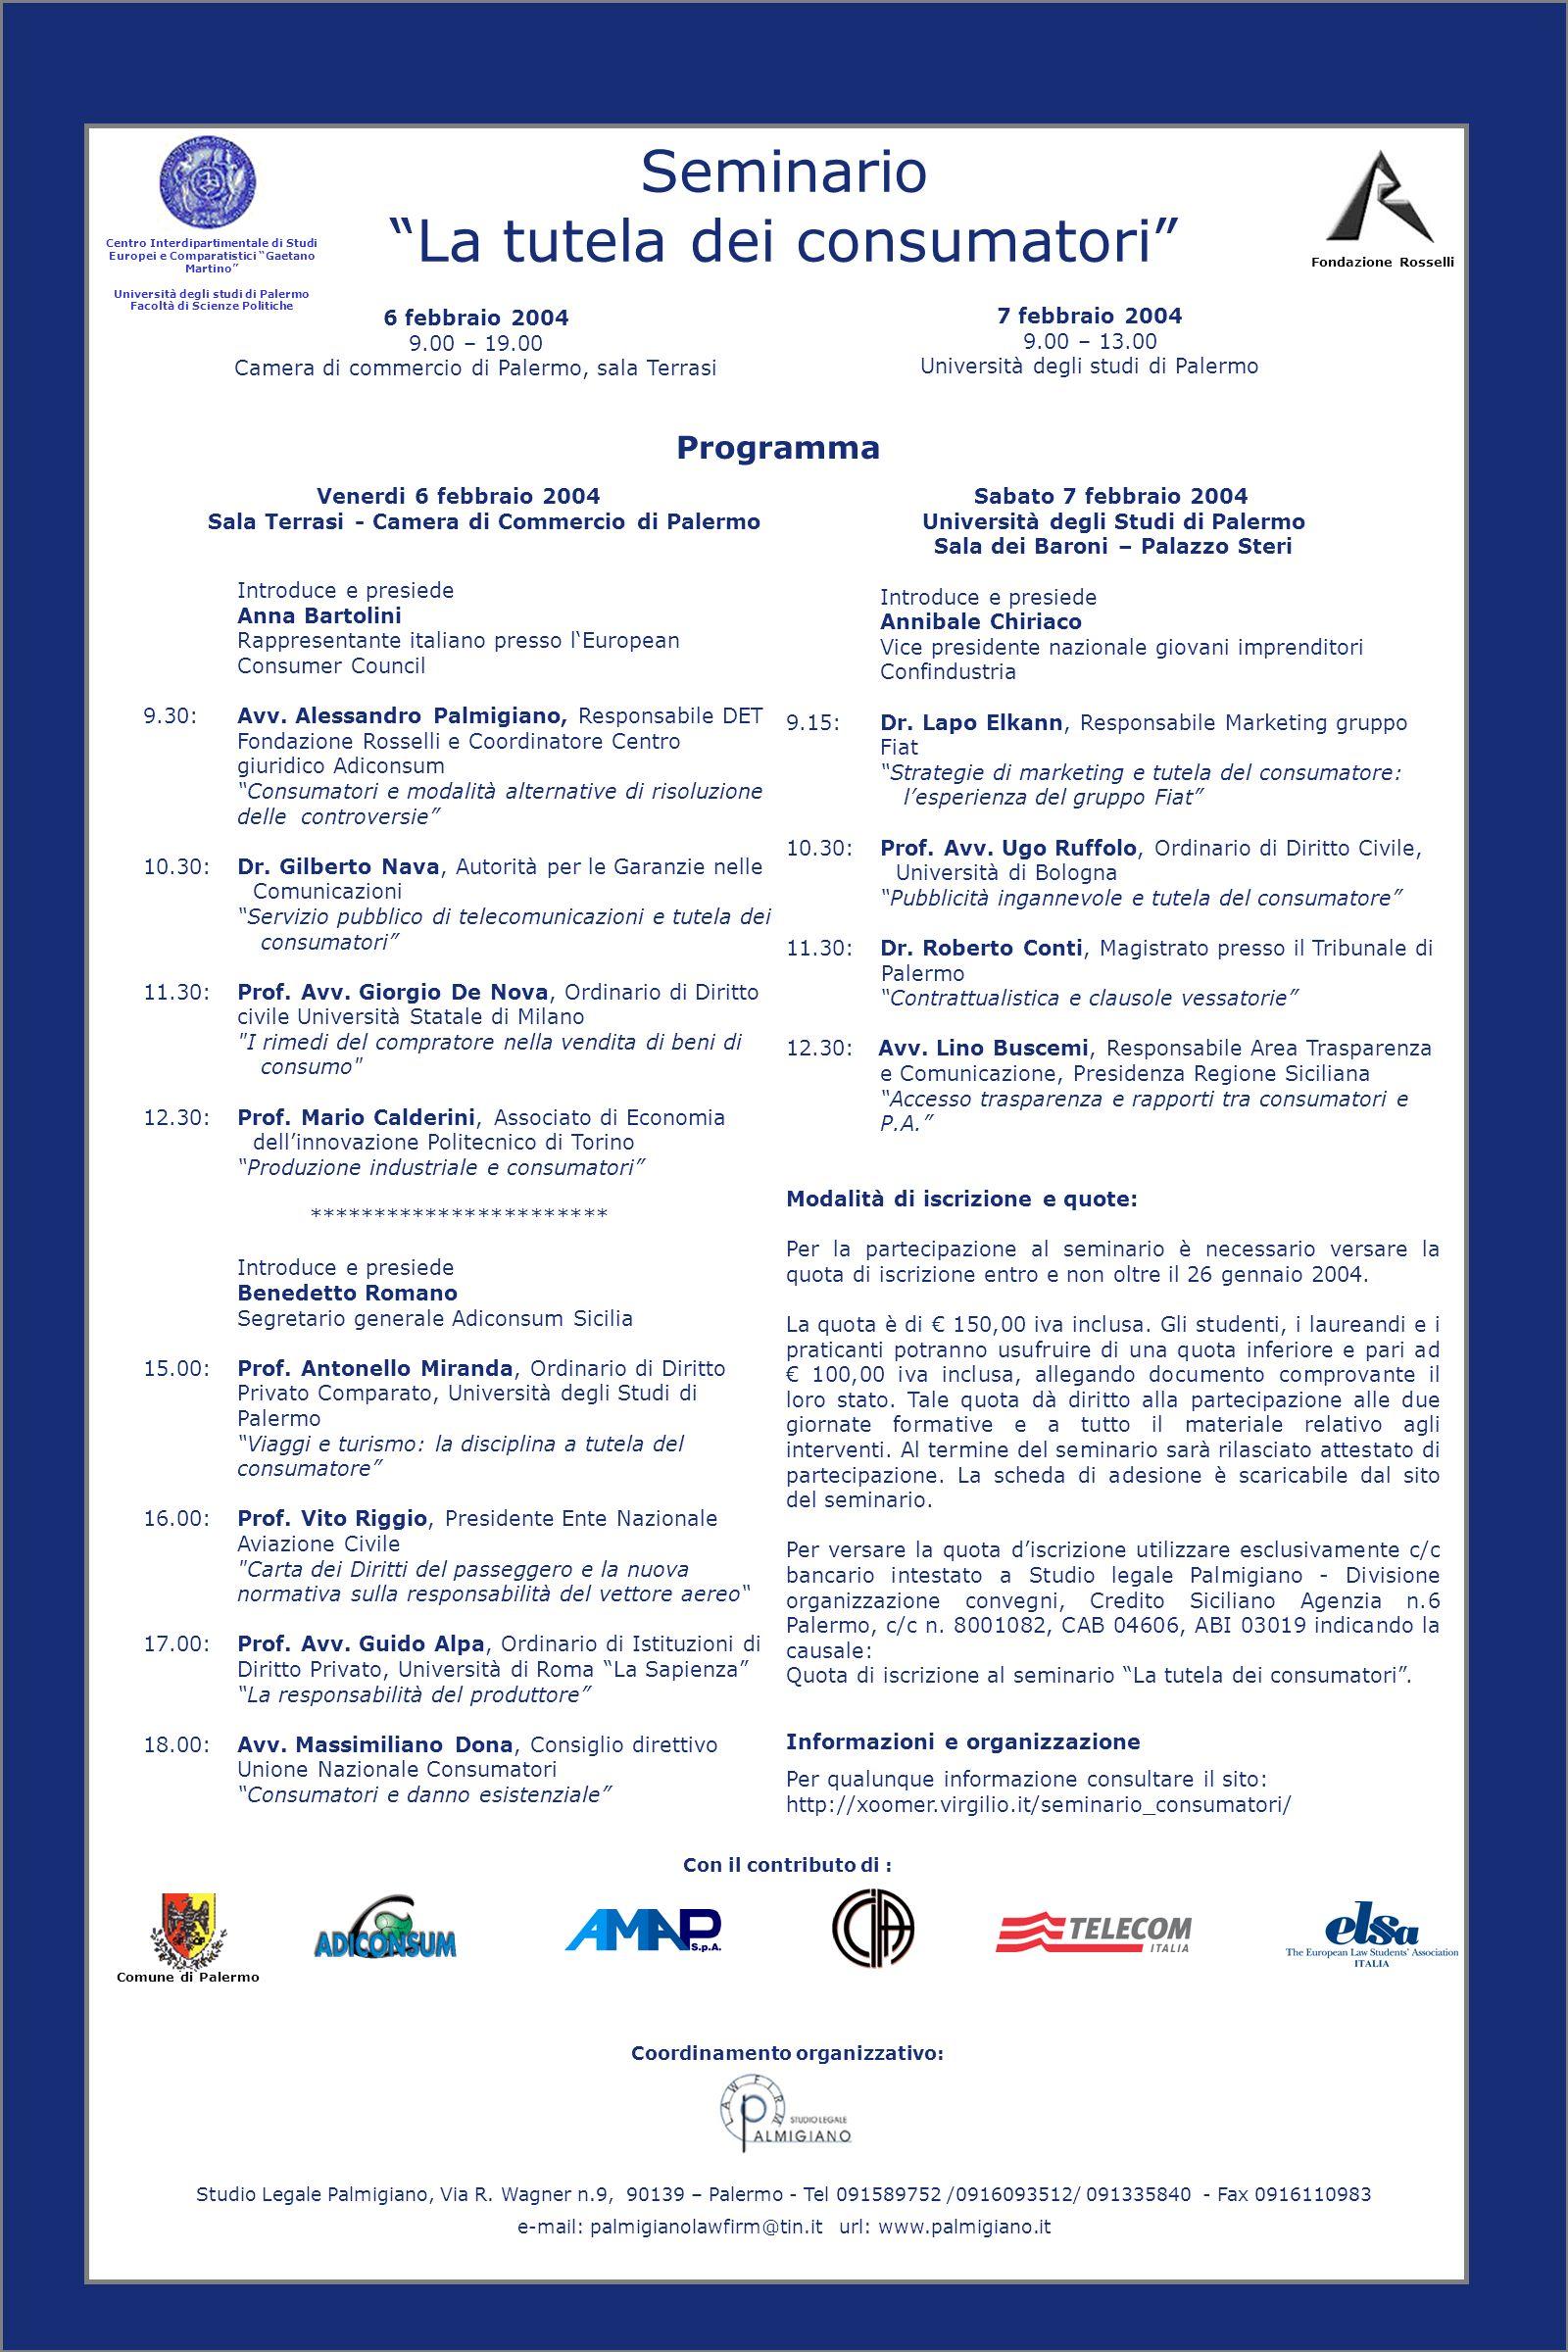 Seminario La tutela dei consumatori Fondazione Rosselli Con il contributo di : 7 febbraio 2004 9.00 – 13.00 Università degli studi di Palermo 6 febbra